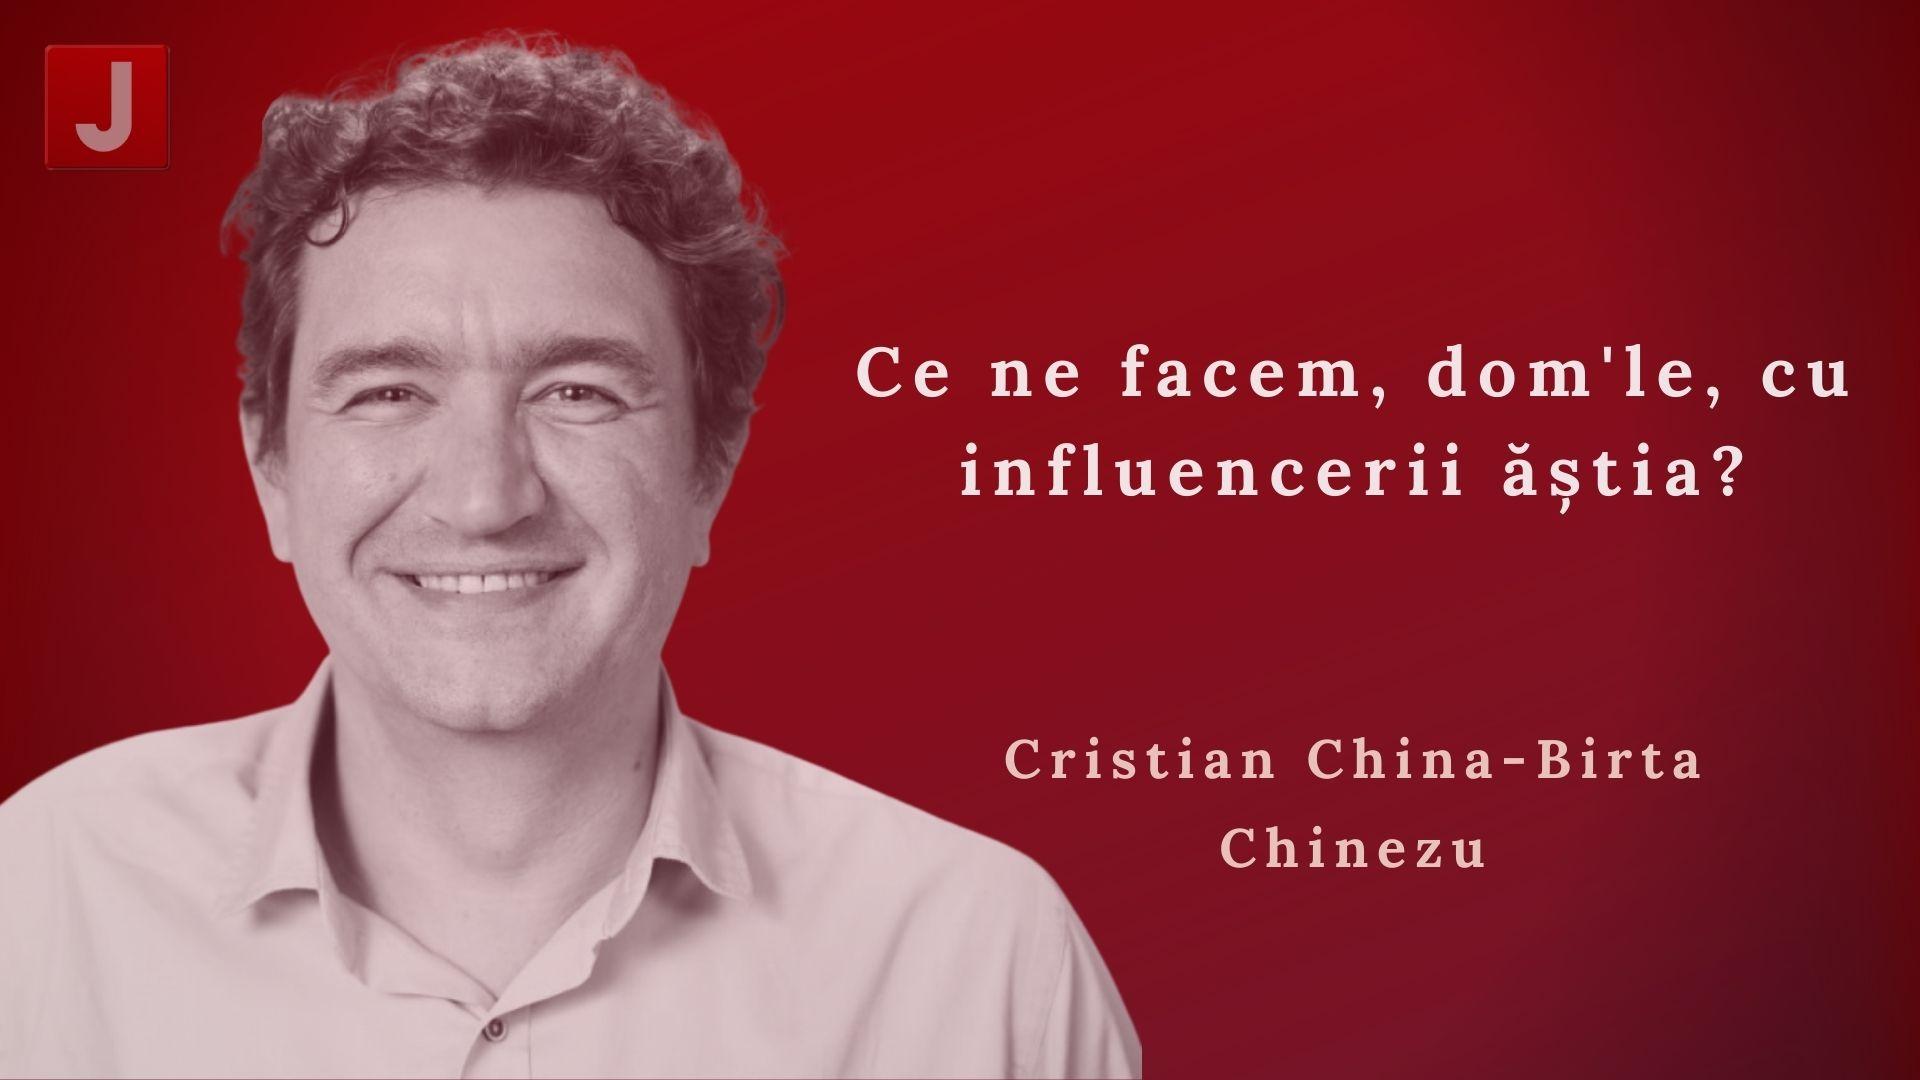 Cristian China-Birta Chinezu: Ce ne facem, dom'le, cu influencerii ăștia?